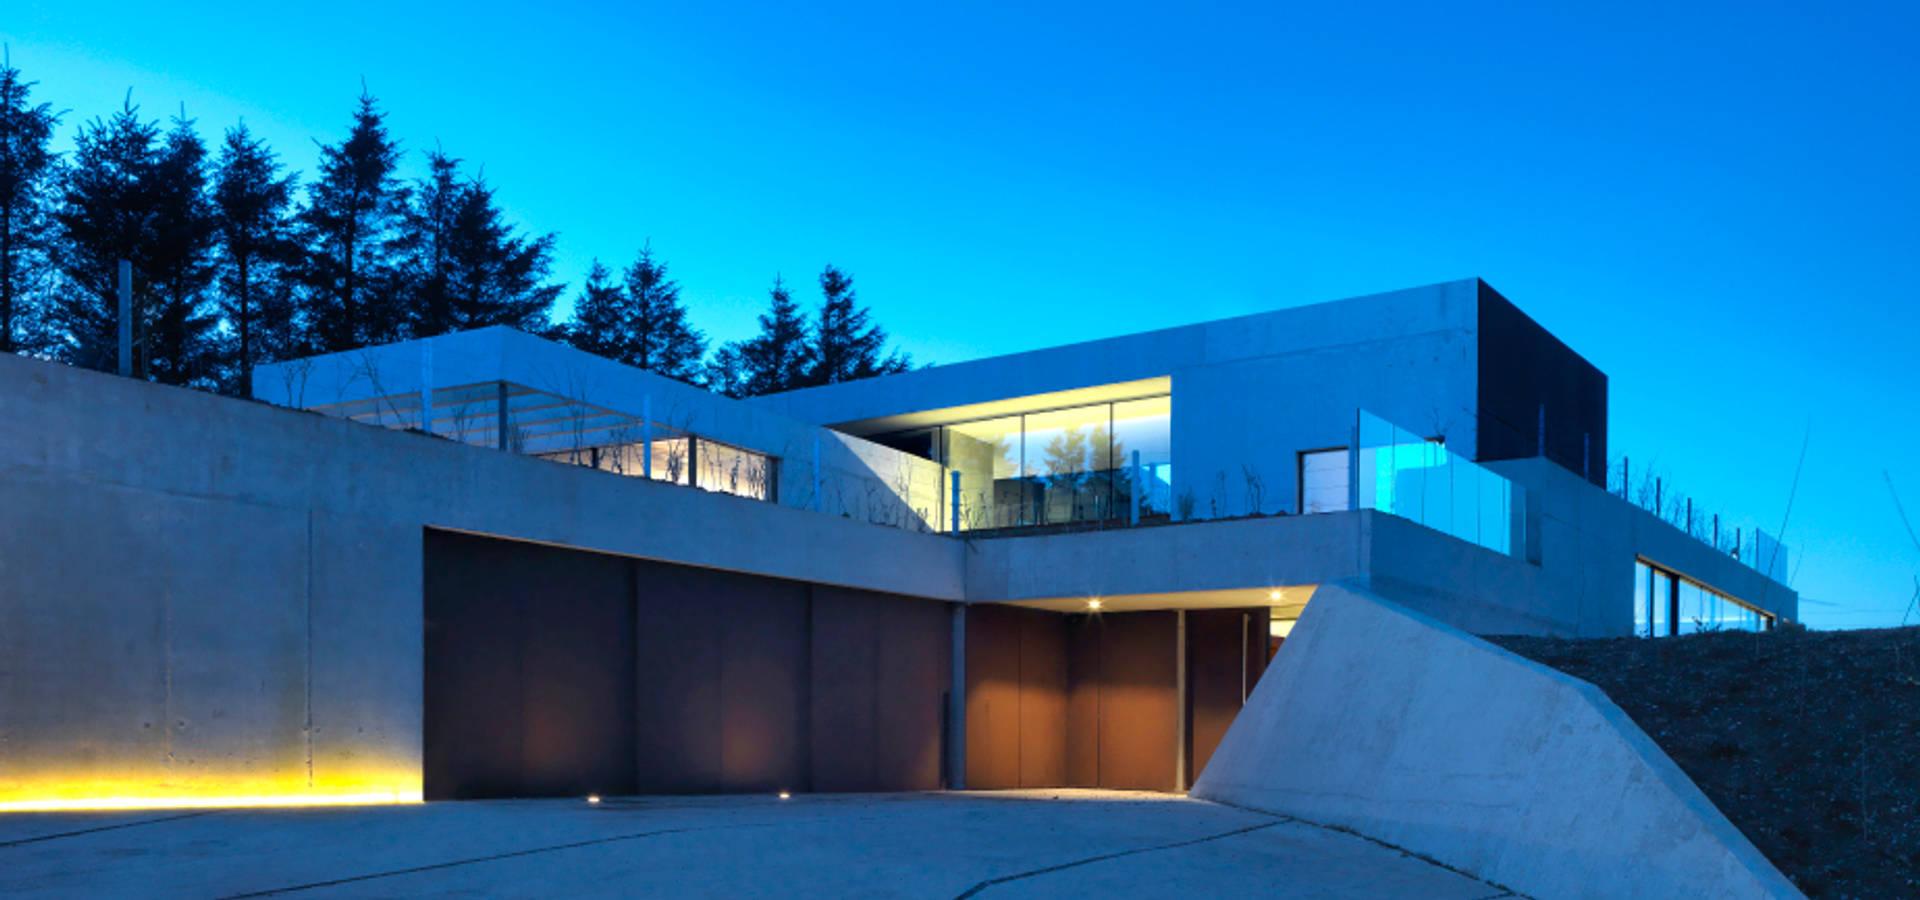 LOYN+CO ARCHITECTS